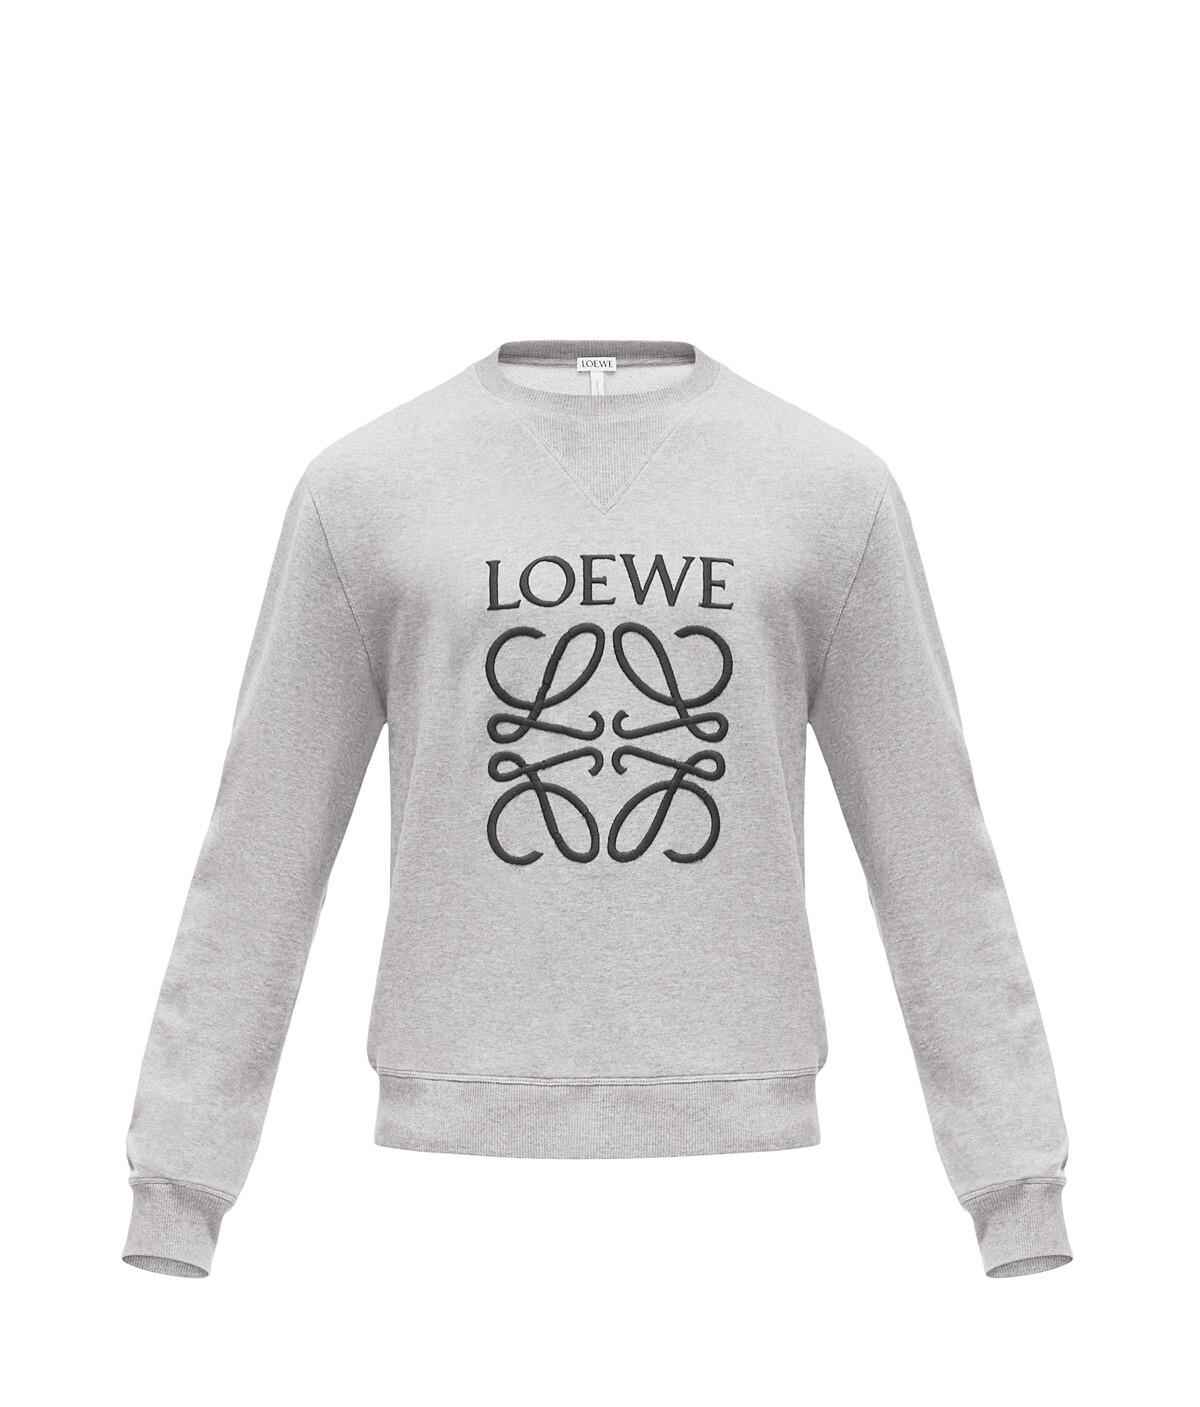 LOEWE アナグラム スエットシャツ グレー front